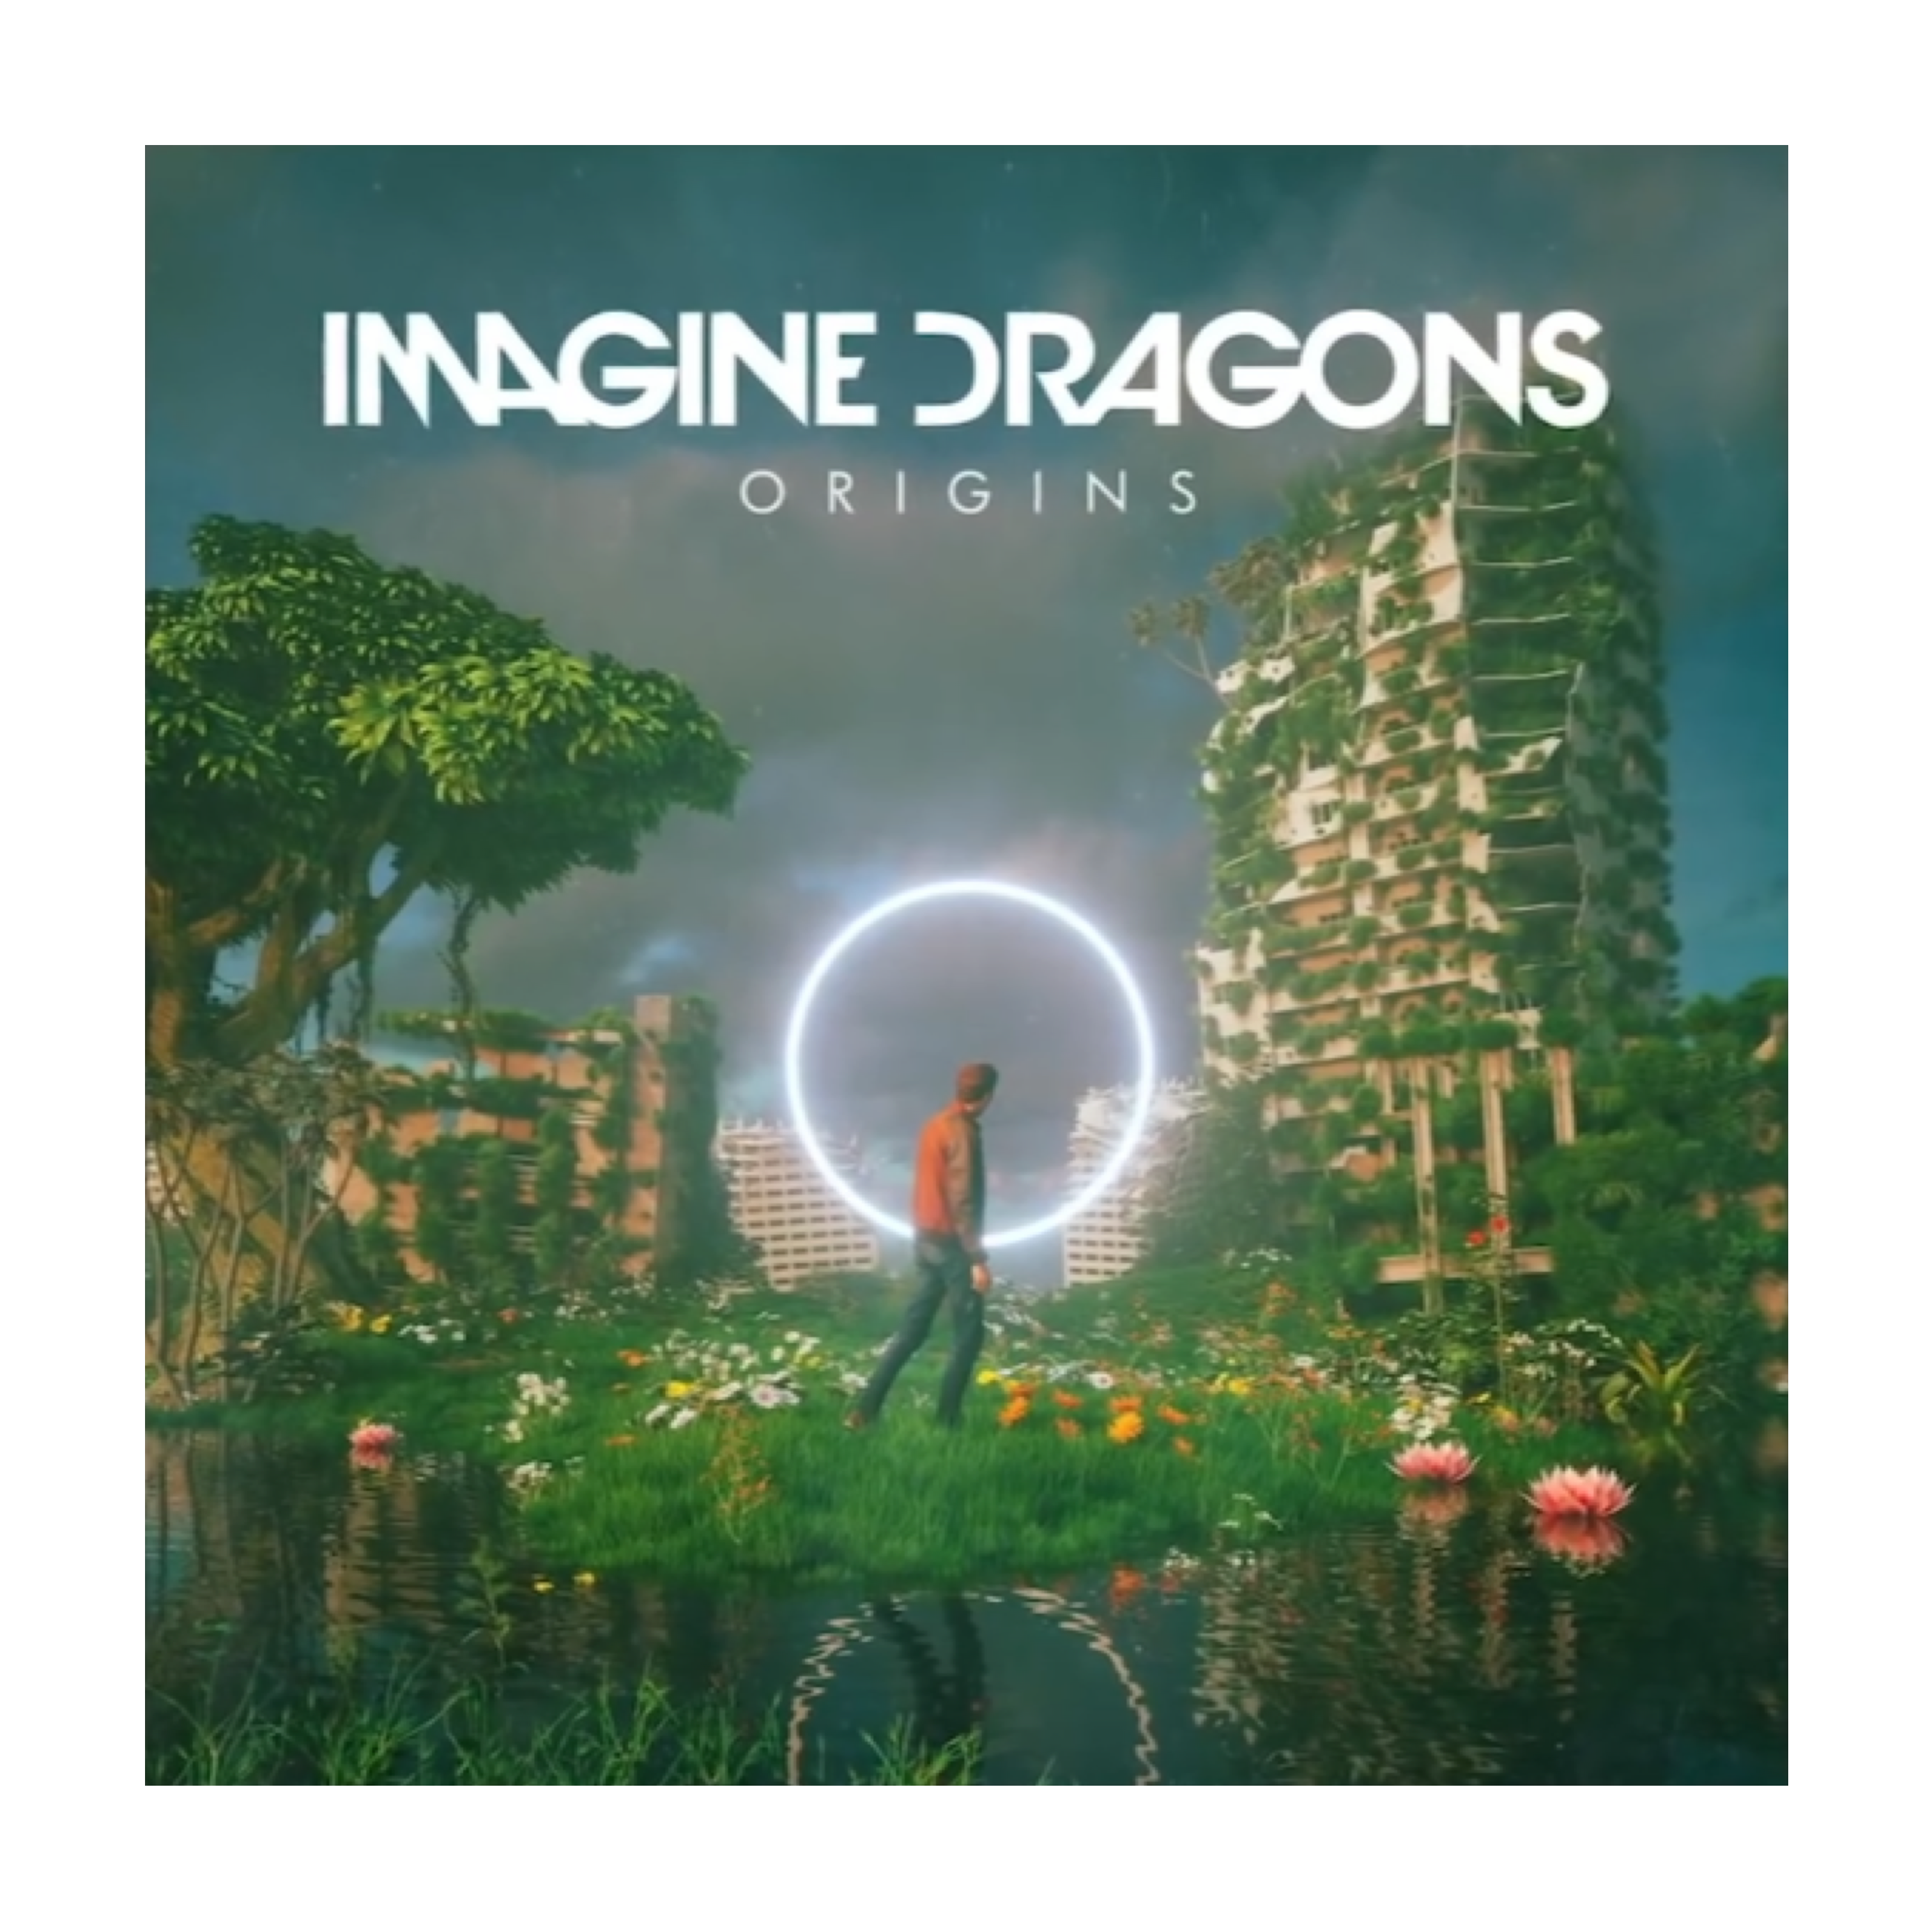 free download imagine dragons origins album